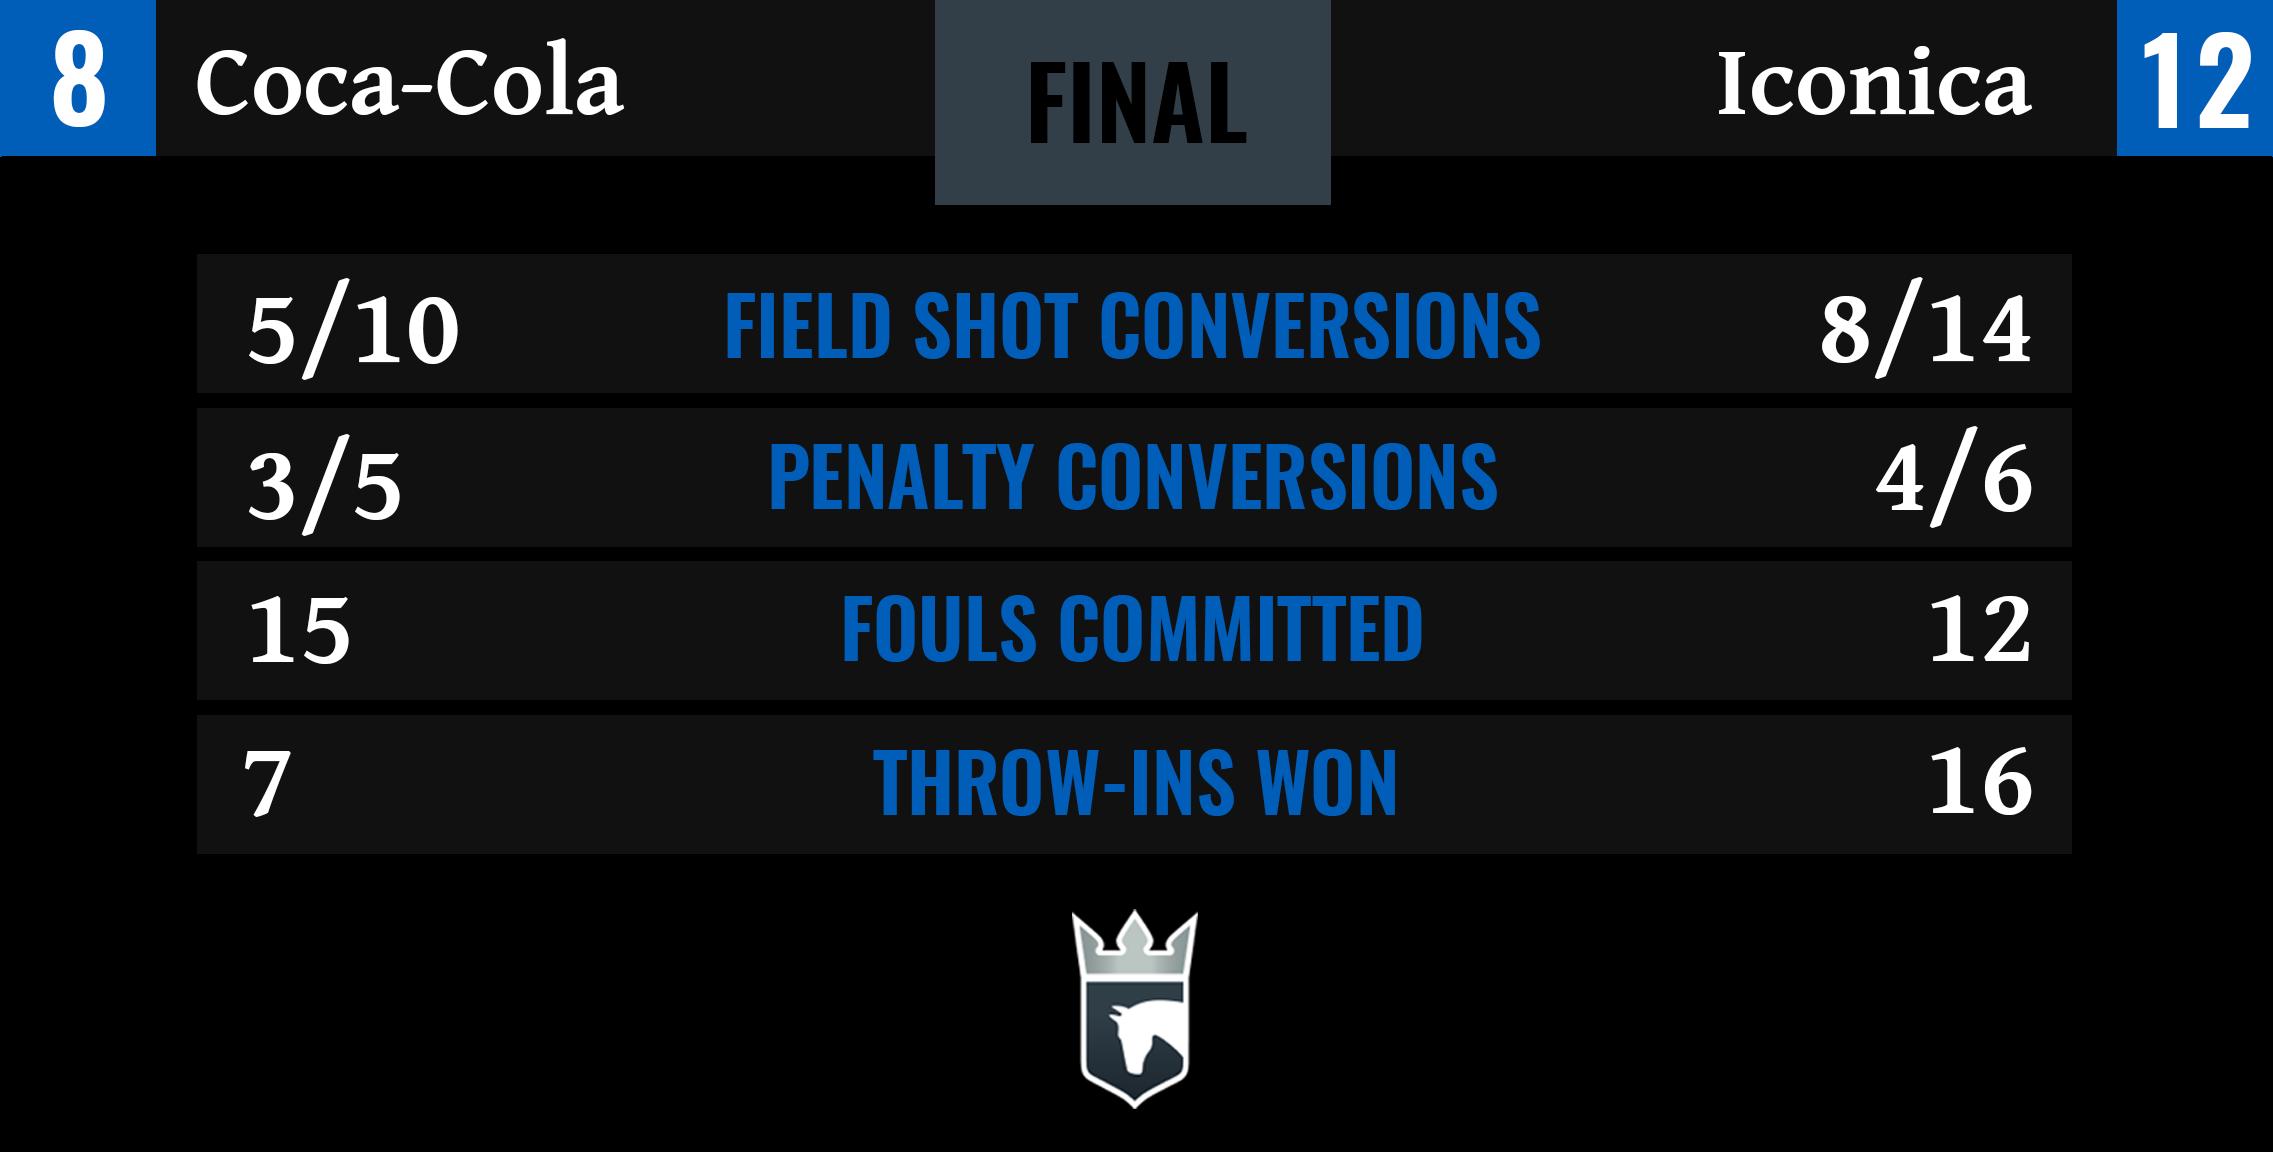 Coca-Cola vs Iconica Final Stats